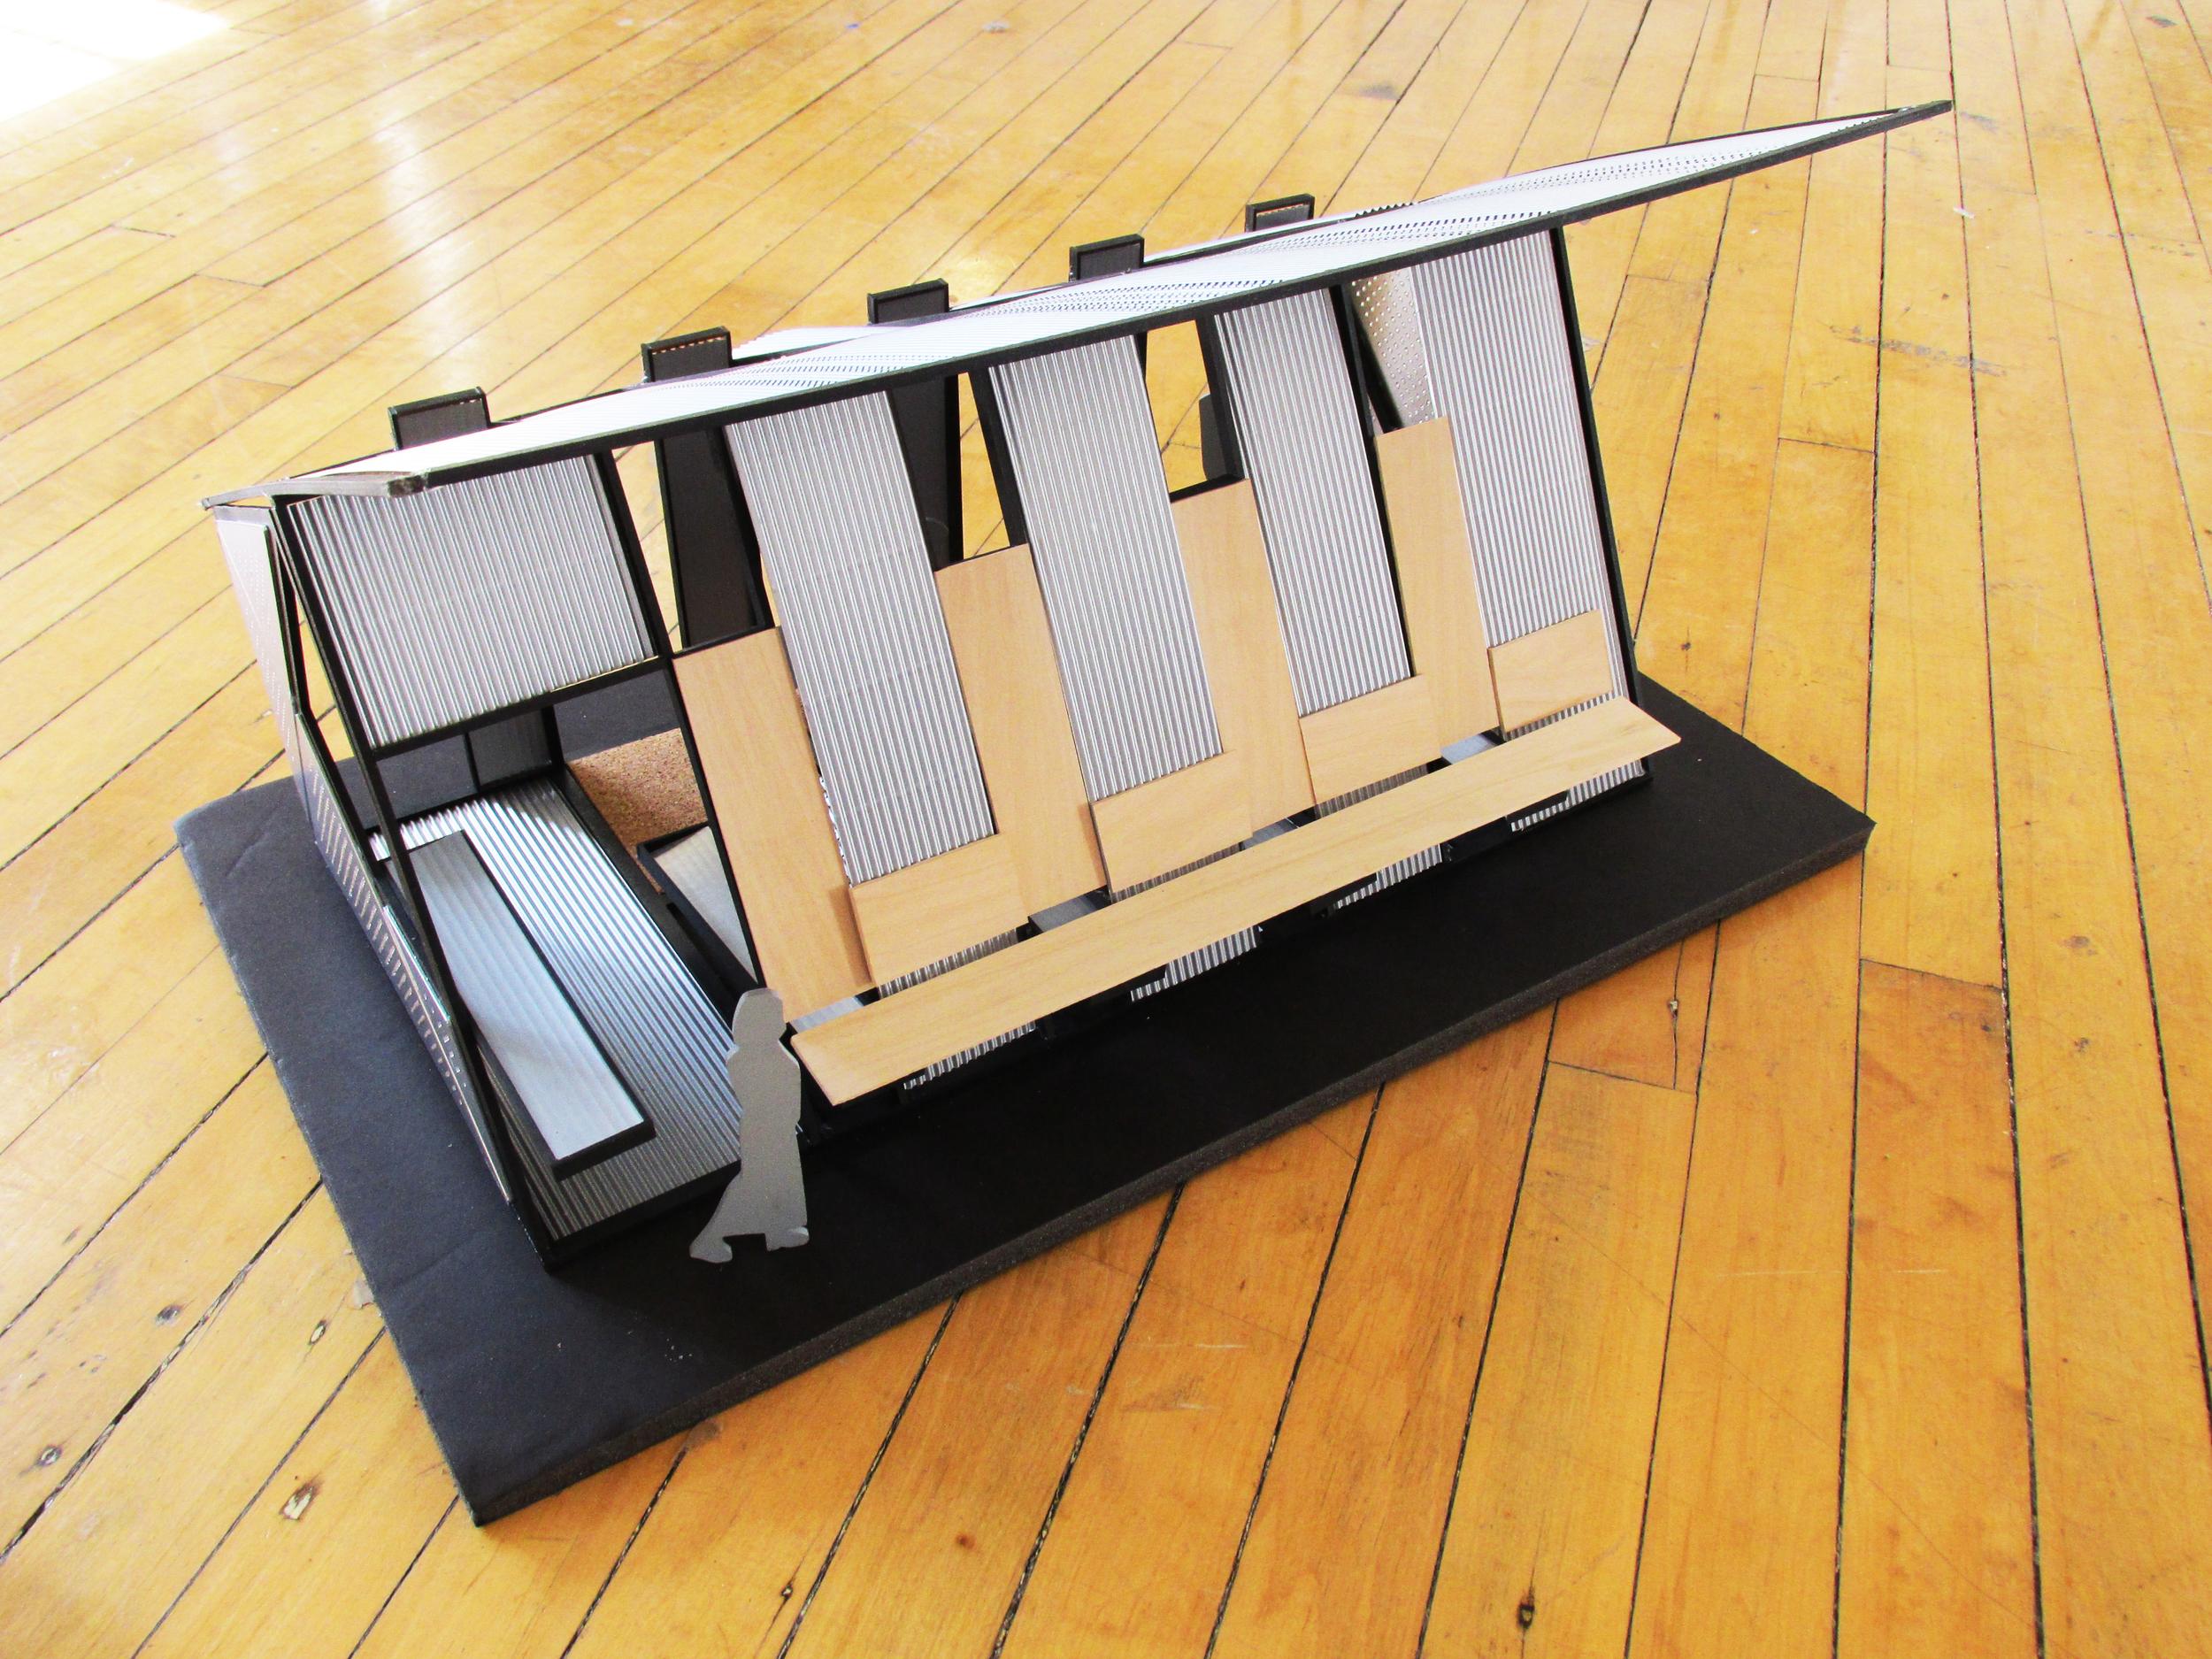 Esposito_Terra-Salomao_modelphoto_01_bench_facade.jpg